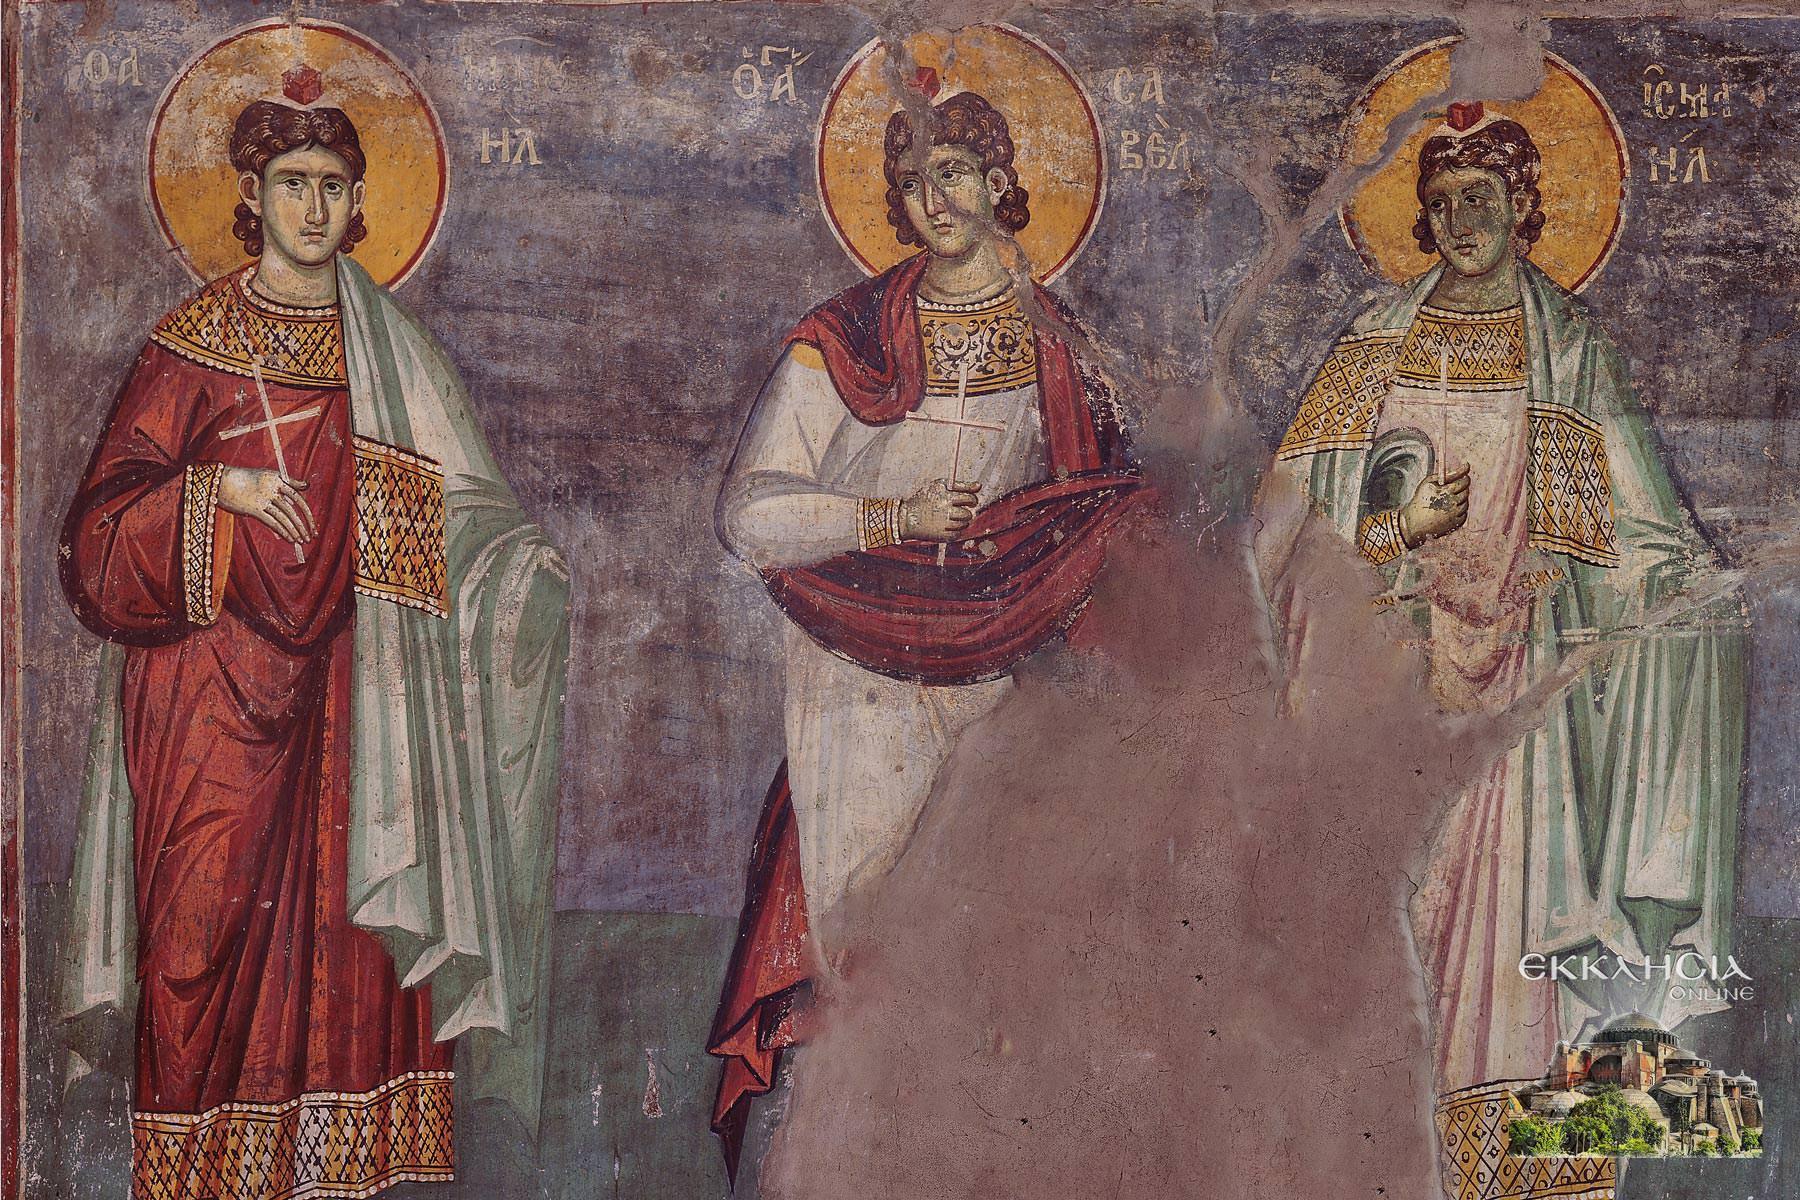 Άγιοι Μανουήλ Σαβέλ Ισμαήλ 17 Ιουνίου